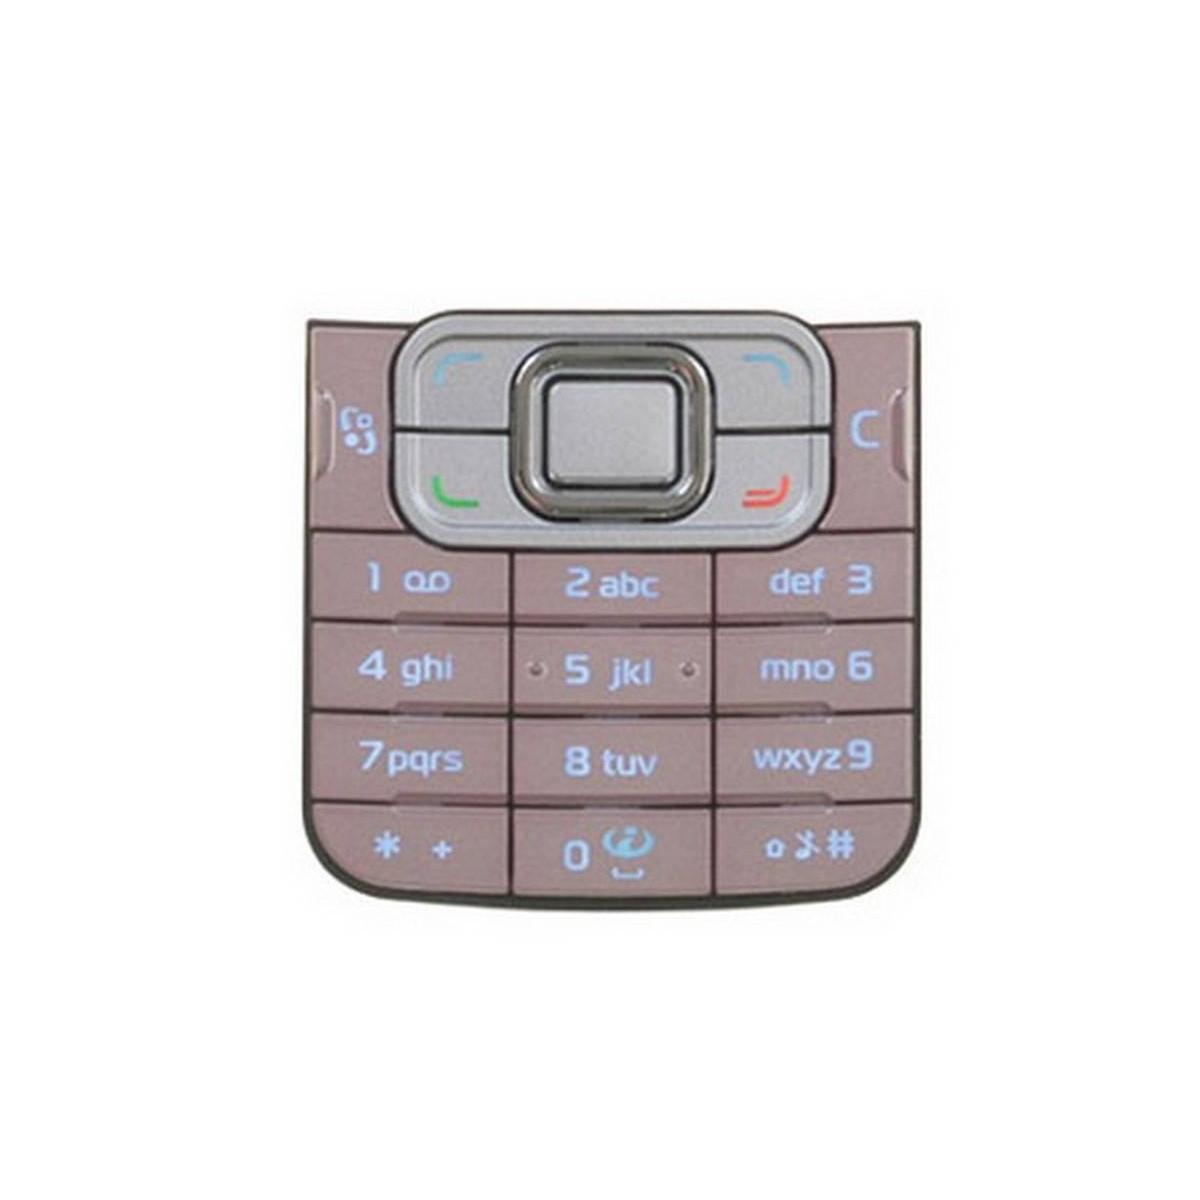 Carcasa Nokia 6120 Completa Rosa